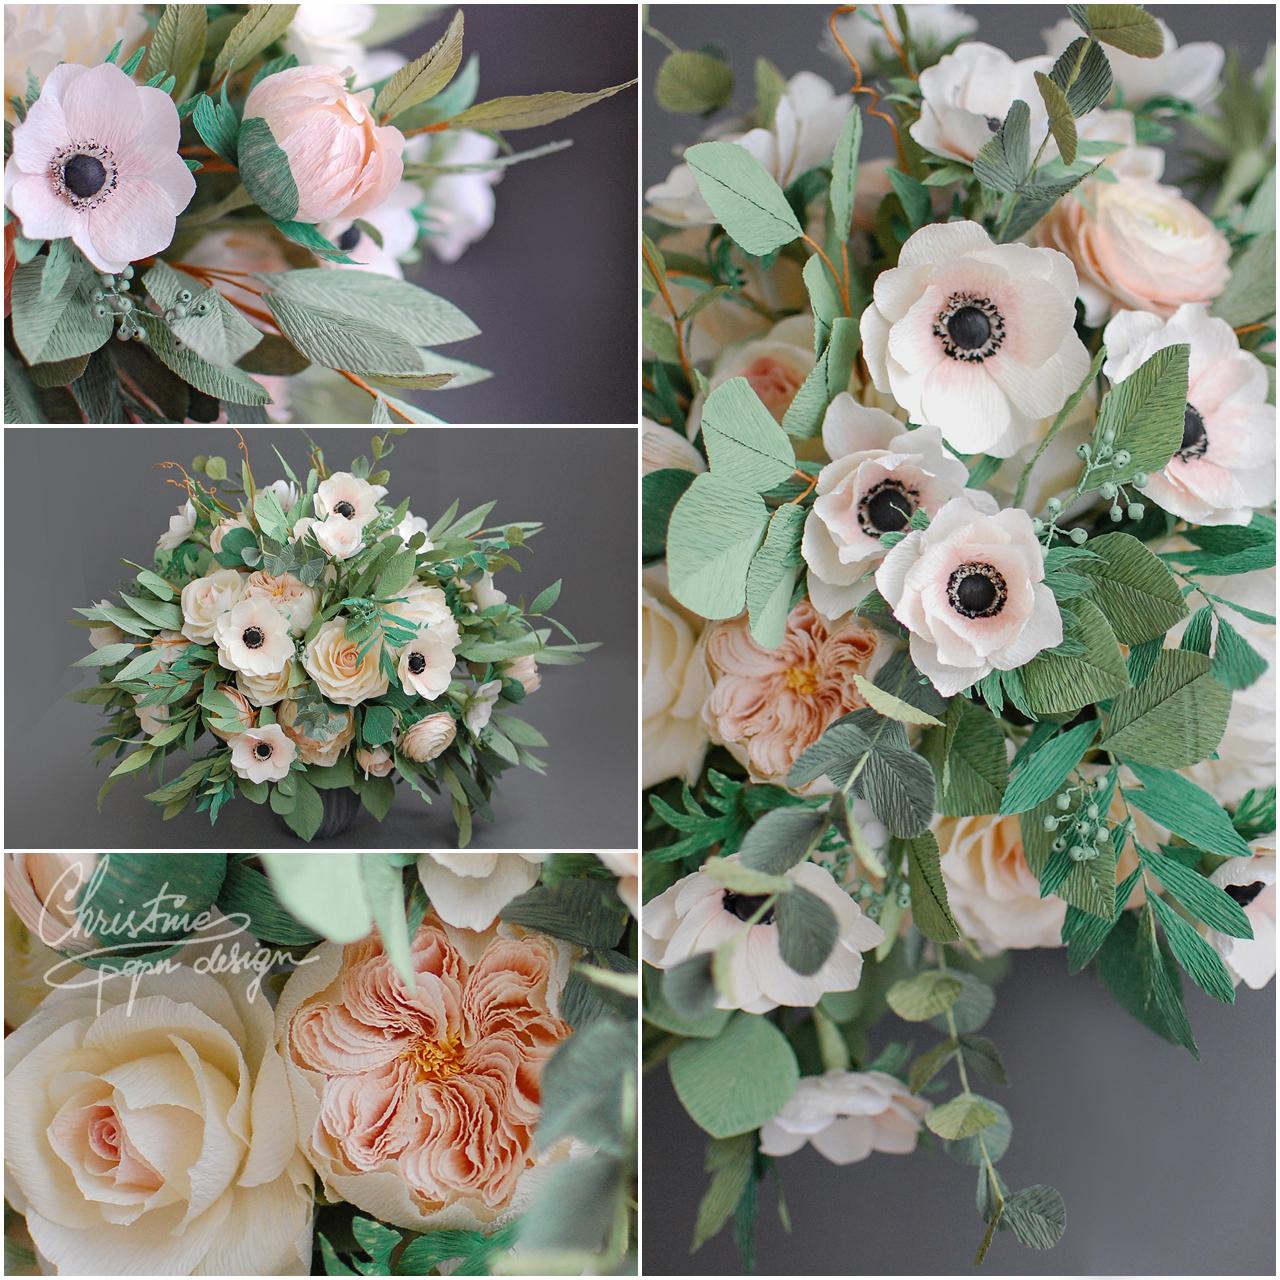 bouquet - Christinepaperdesign